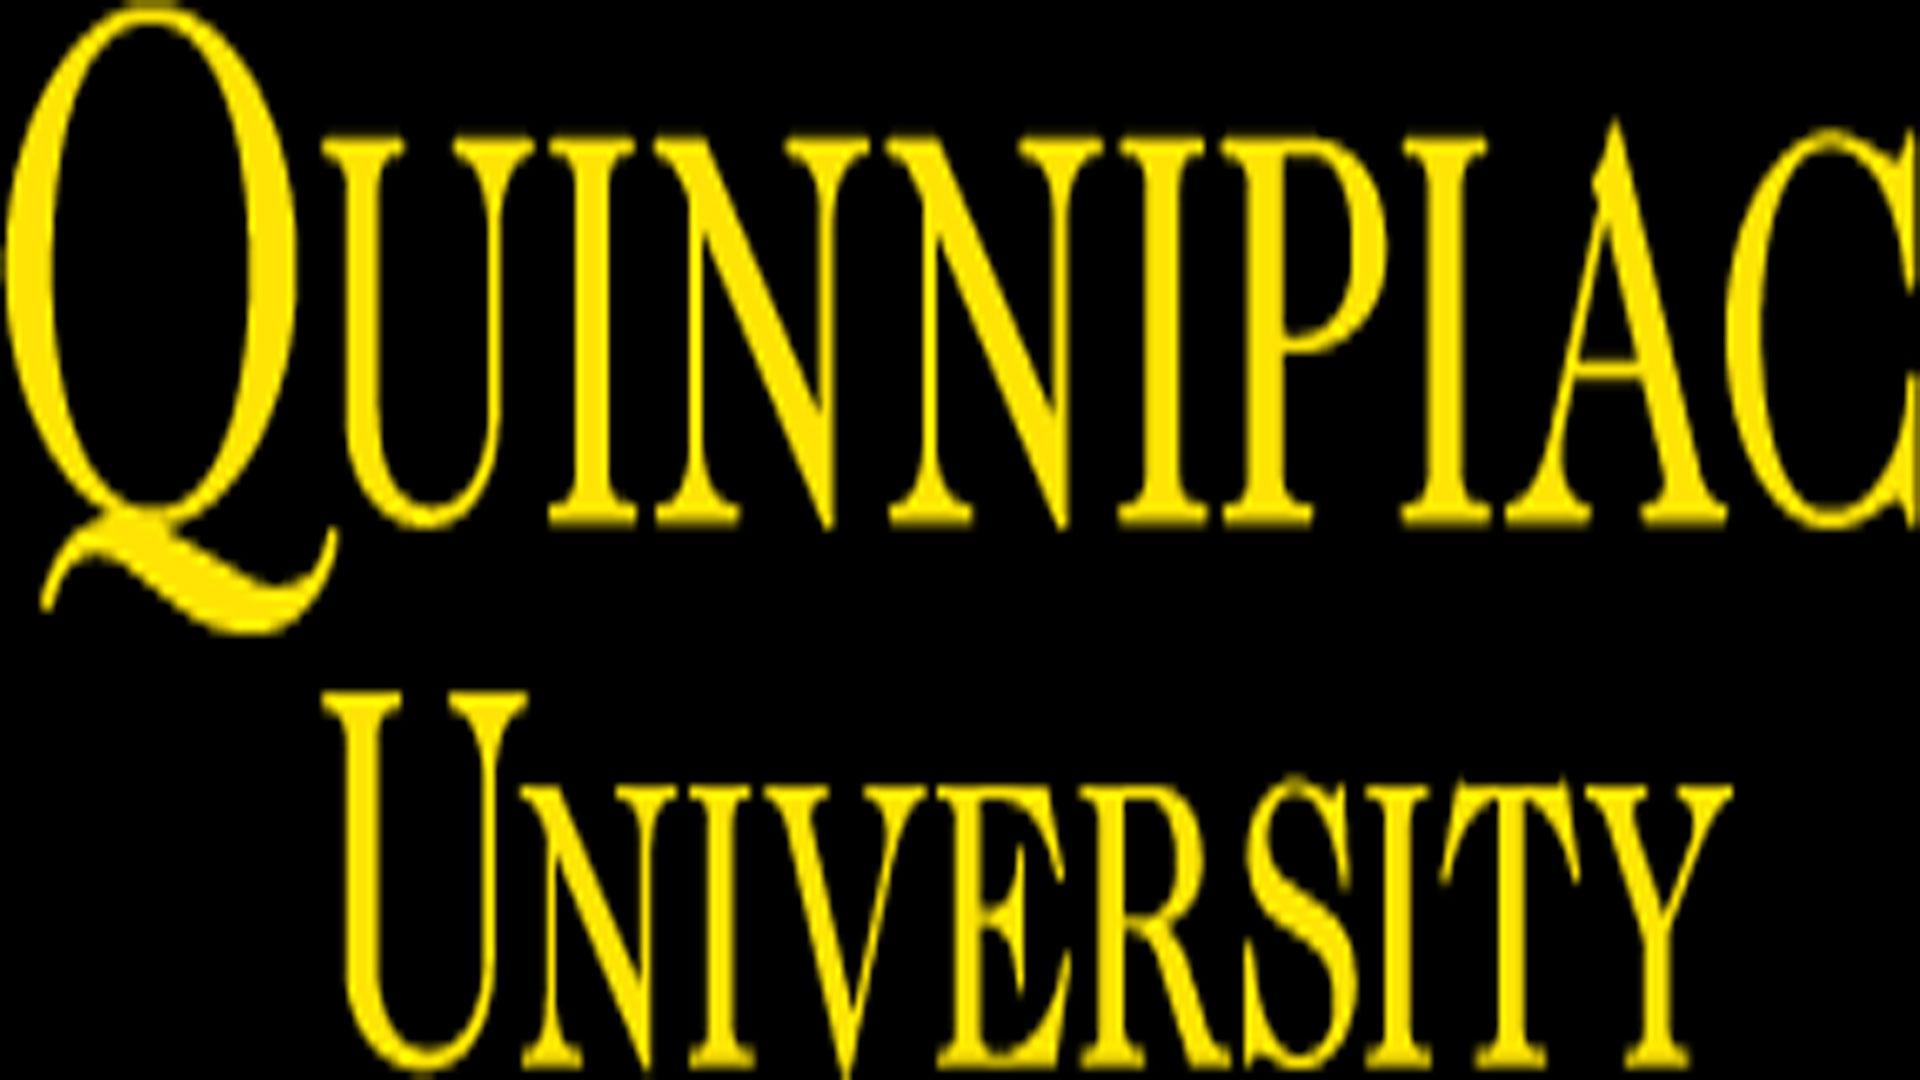 quinnipiac_university